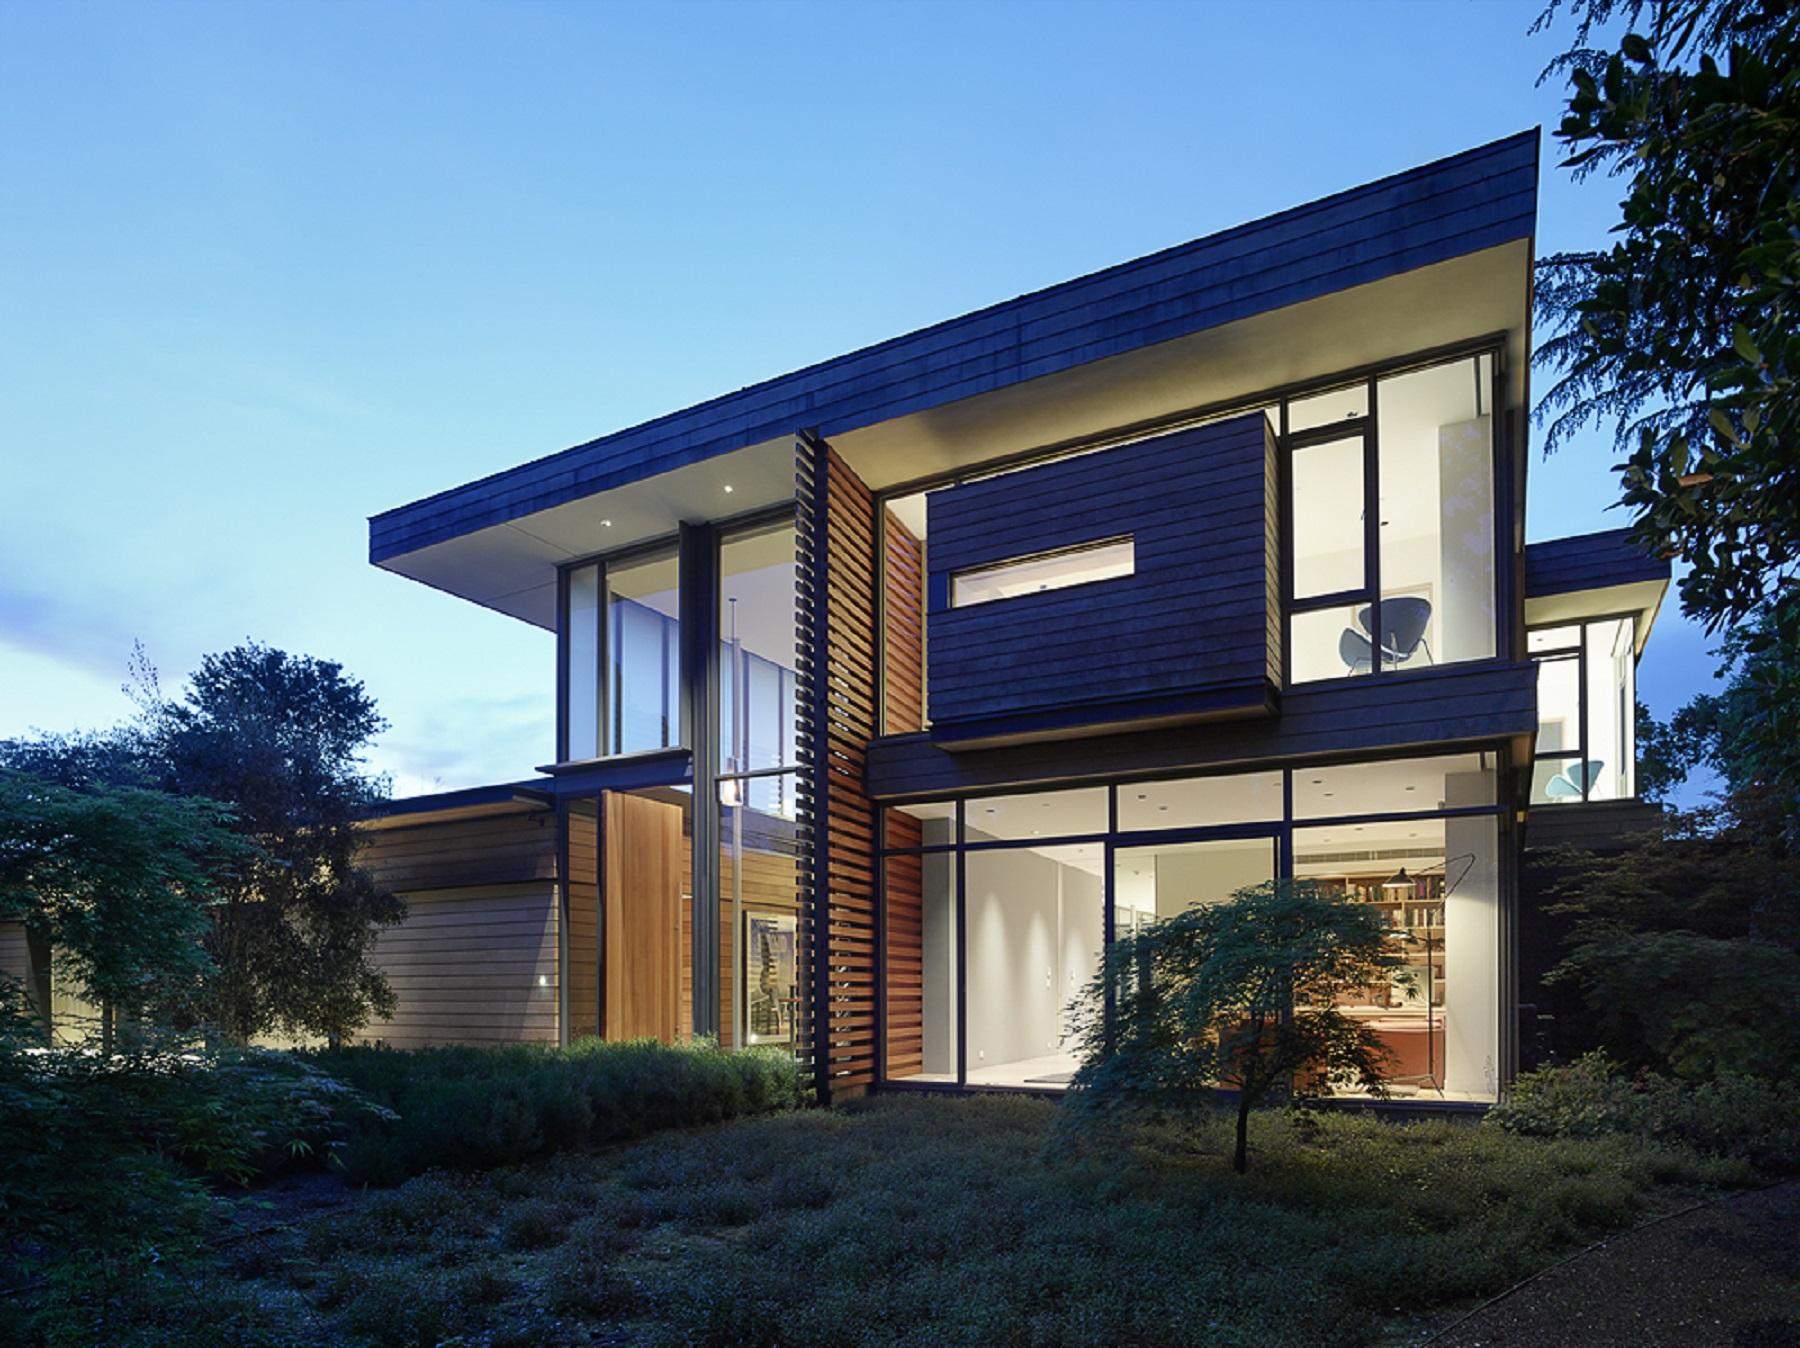 Частный односемейный дом для того Продажа на Laurel 680 Laurel Dr Sacramento, 95864 Соединенные Штаты